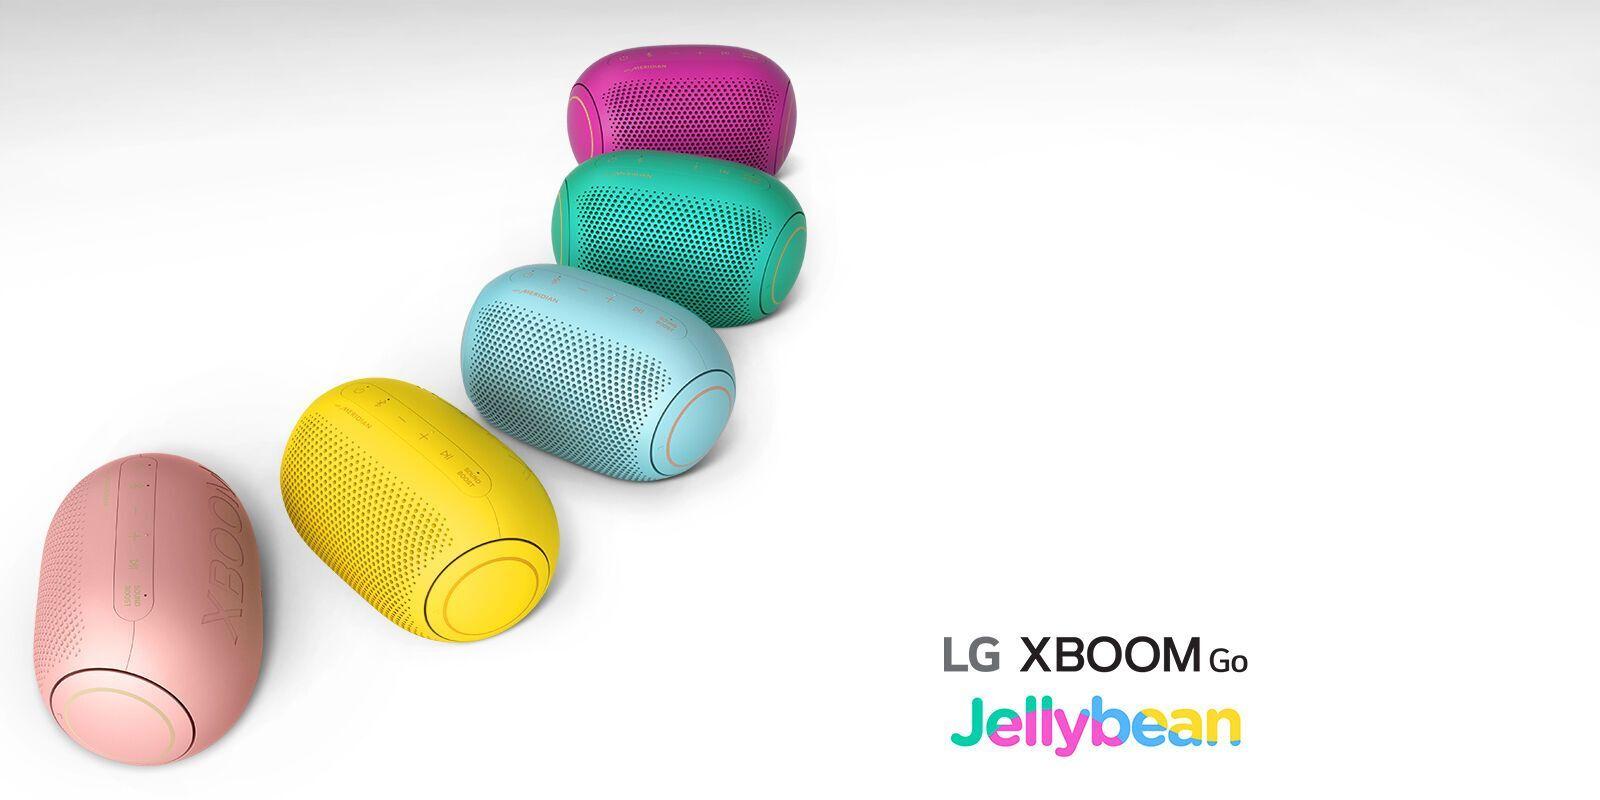 LG представила новые портативные колонки XBOOM GO